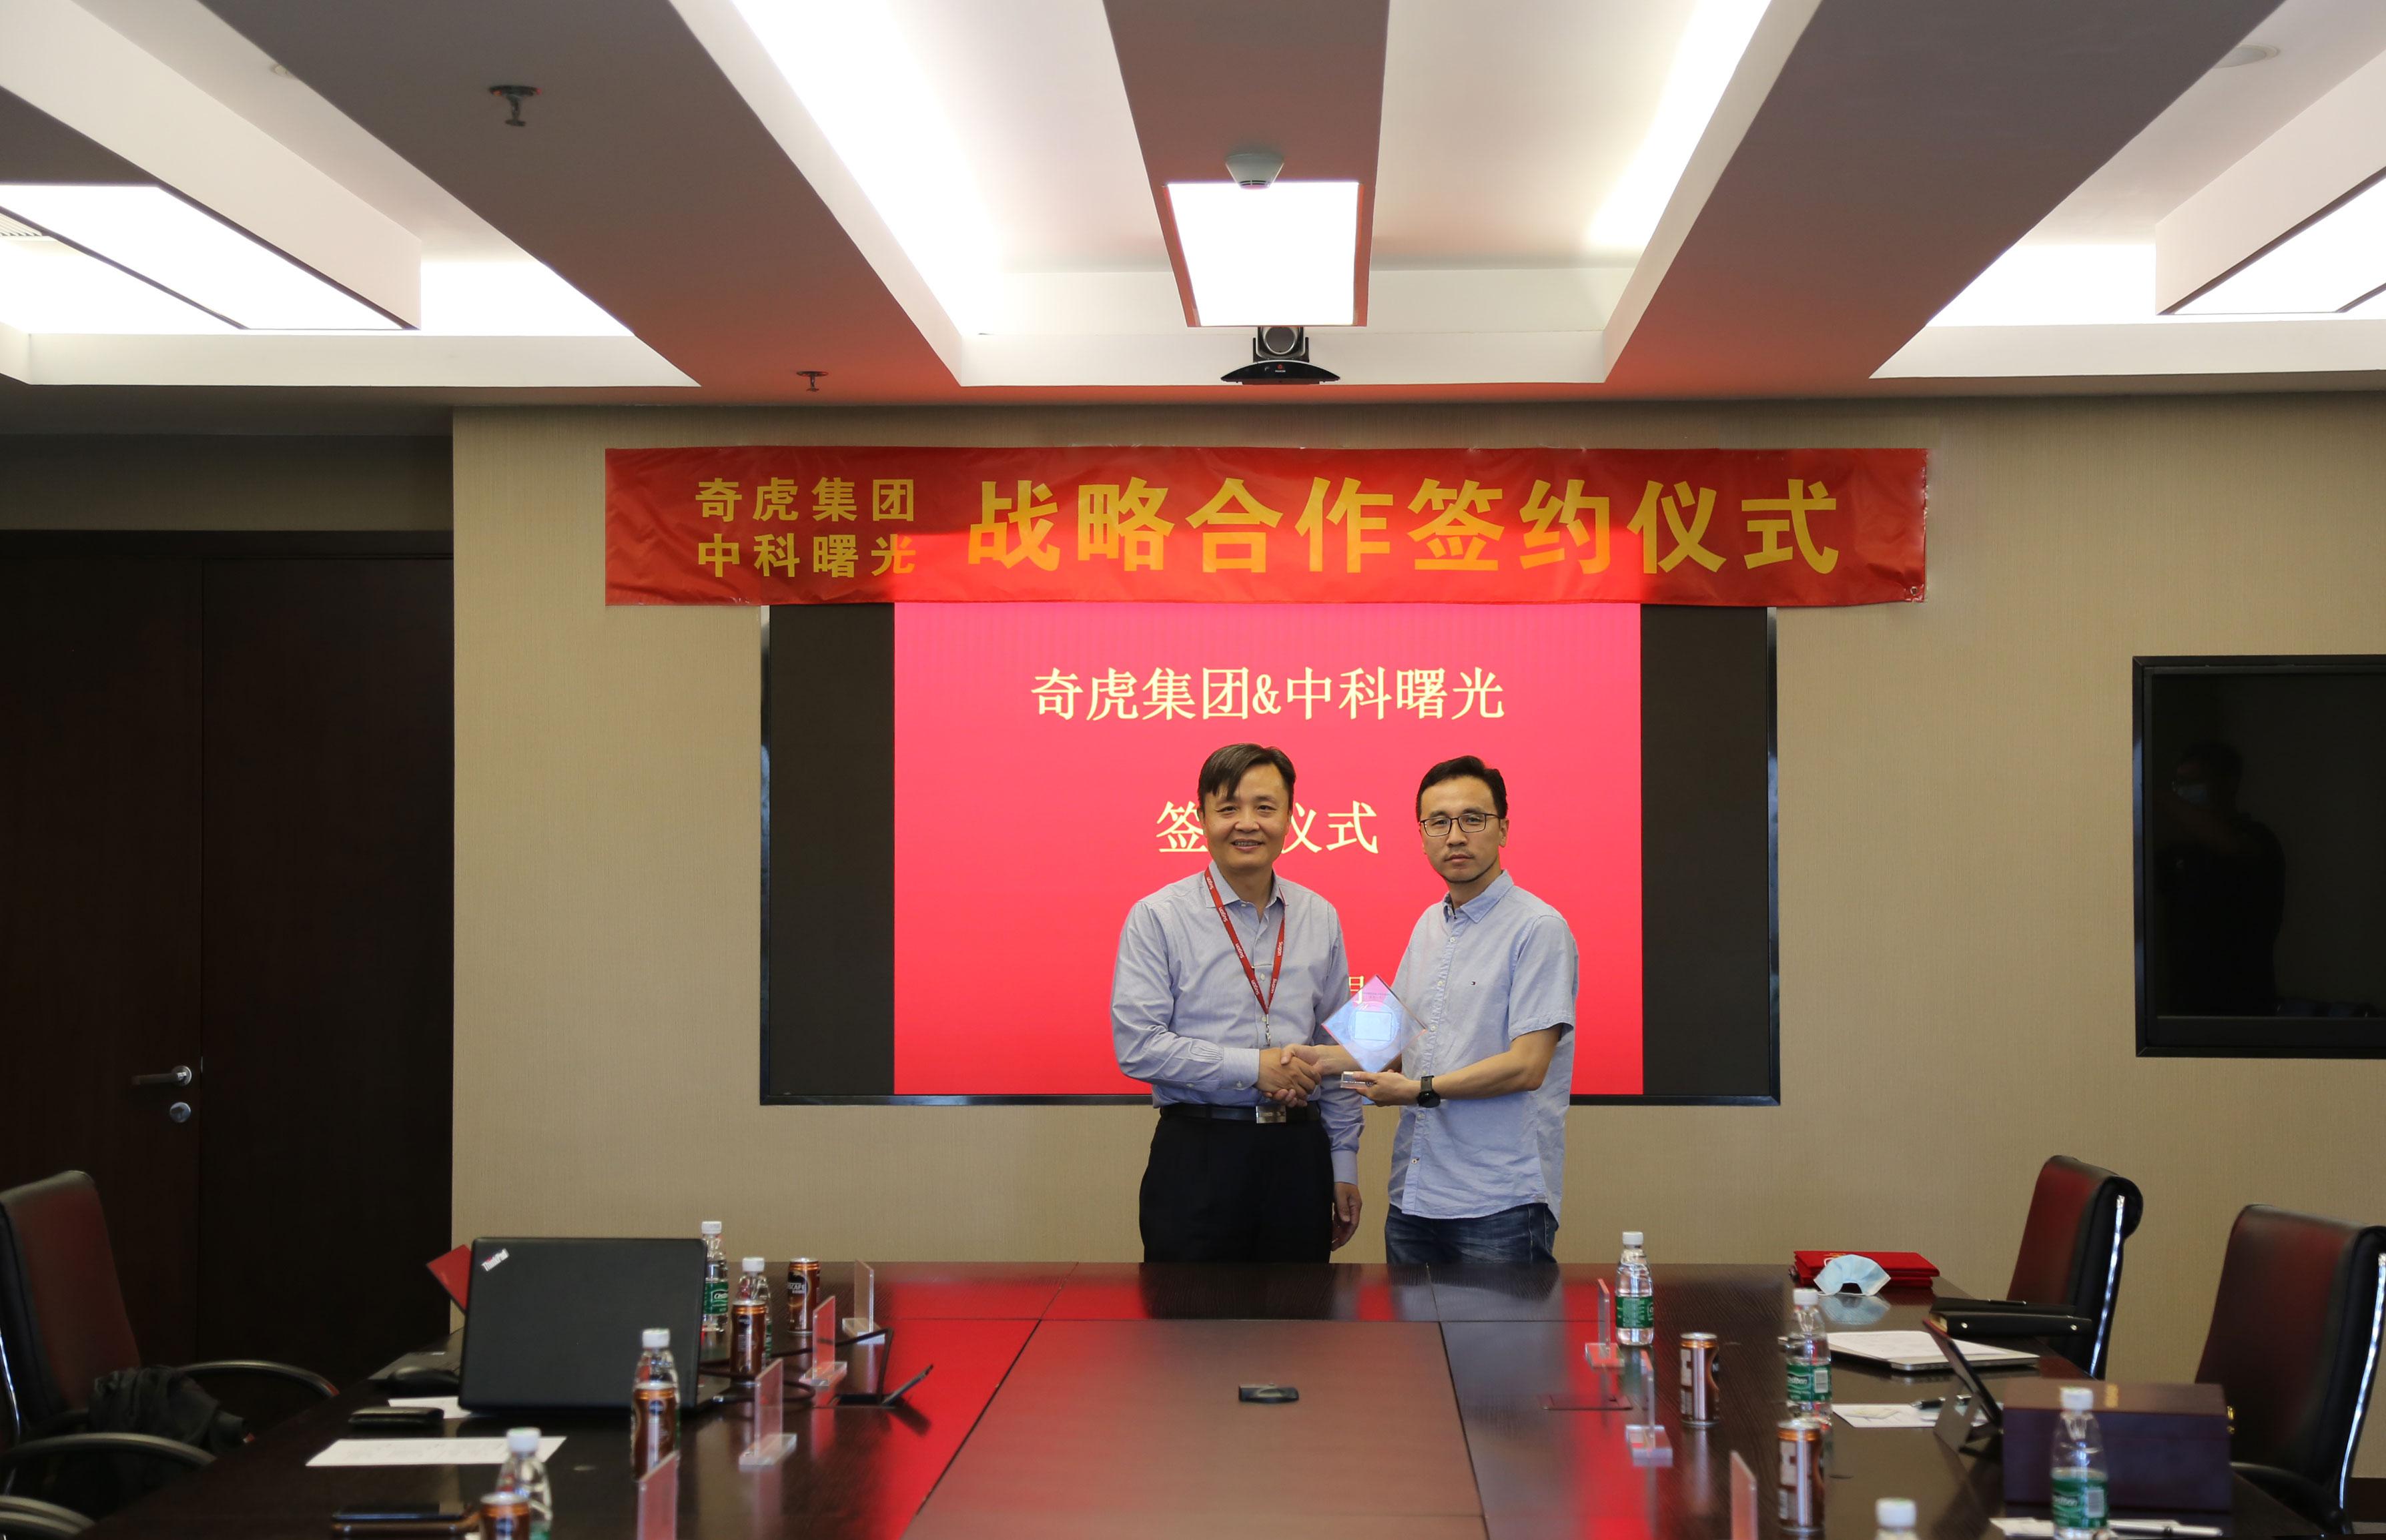 360集团与中科曙光战略签约 赋能数字经济建设